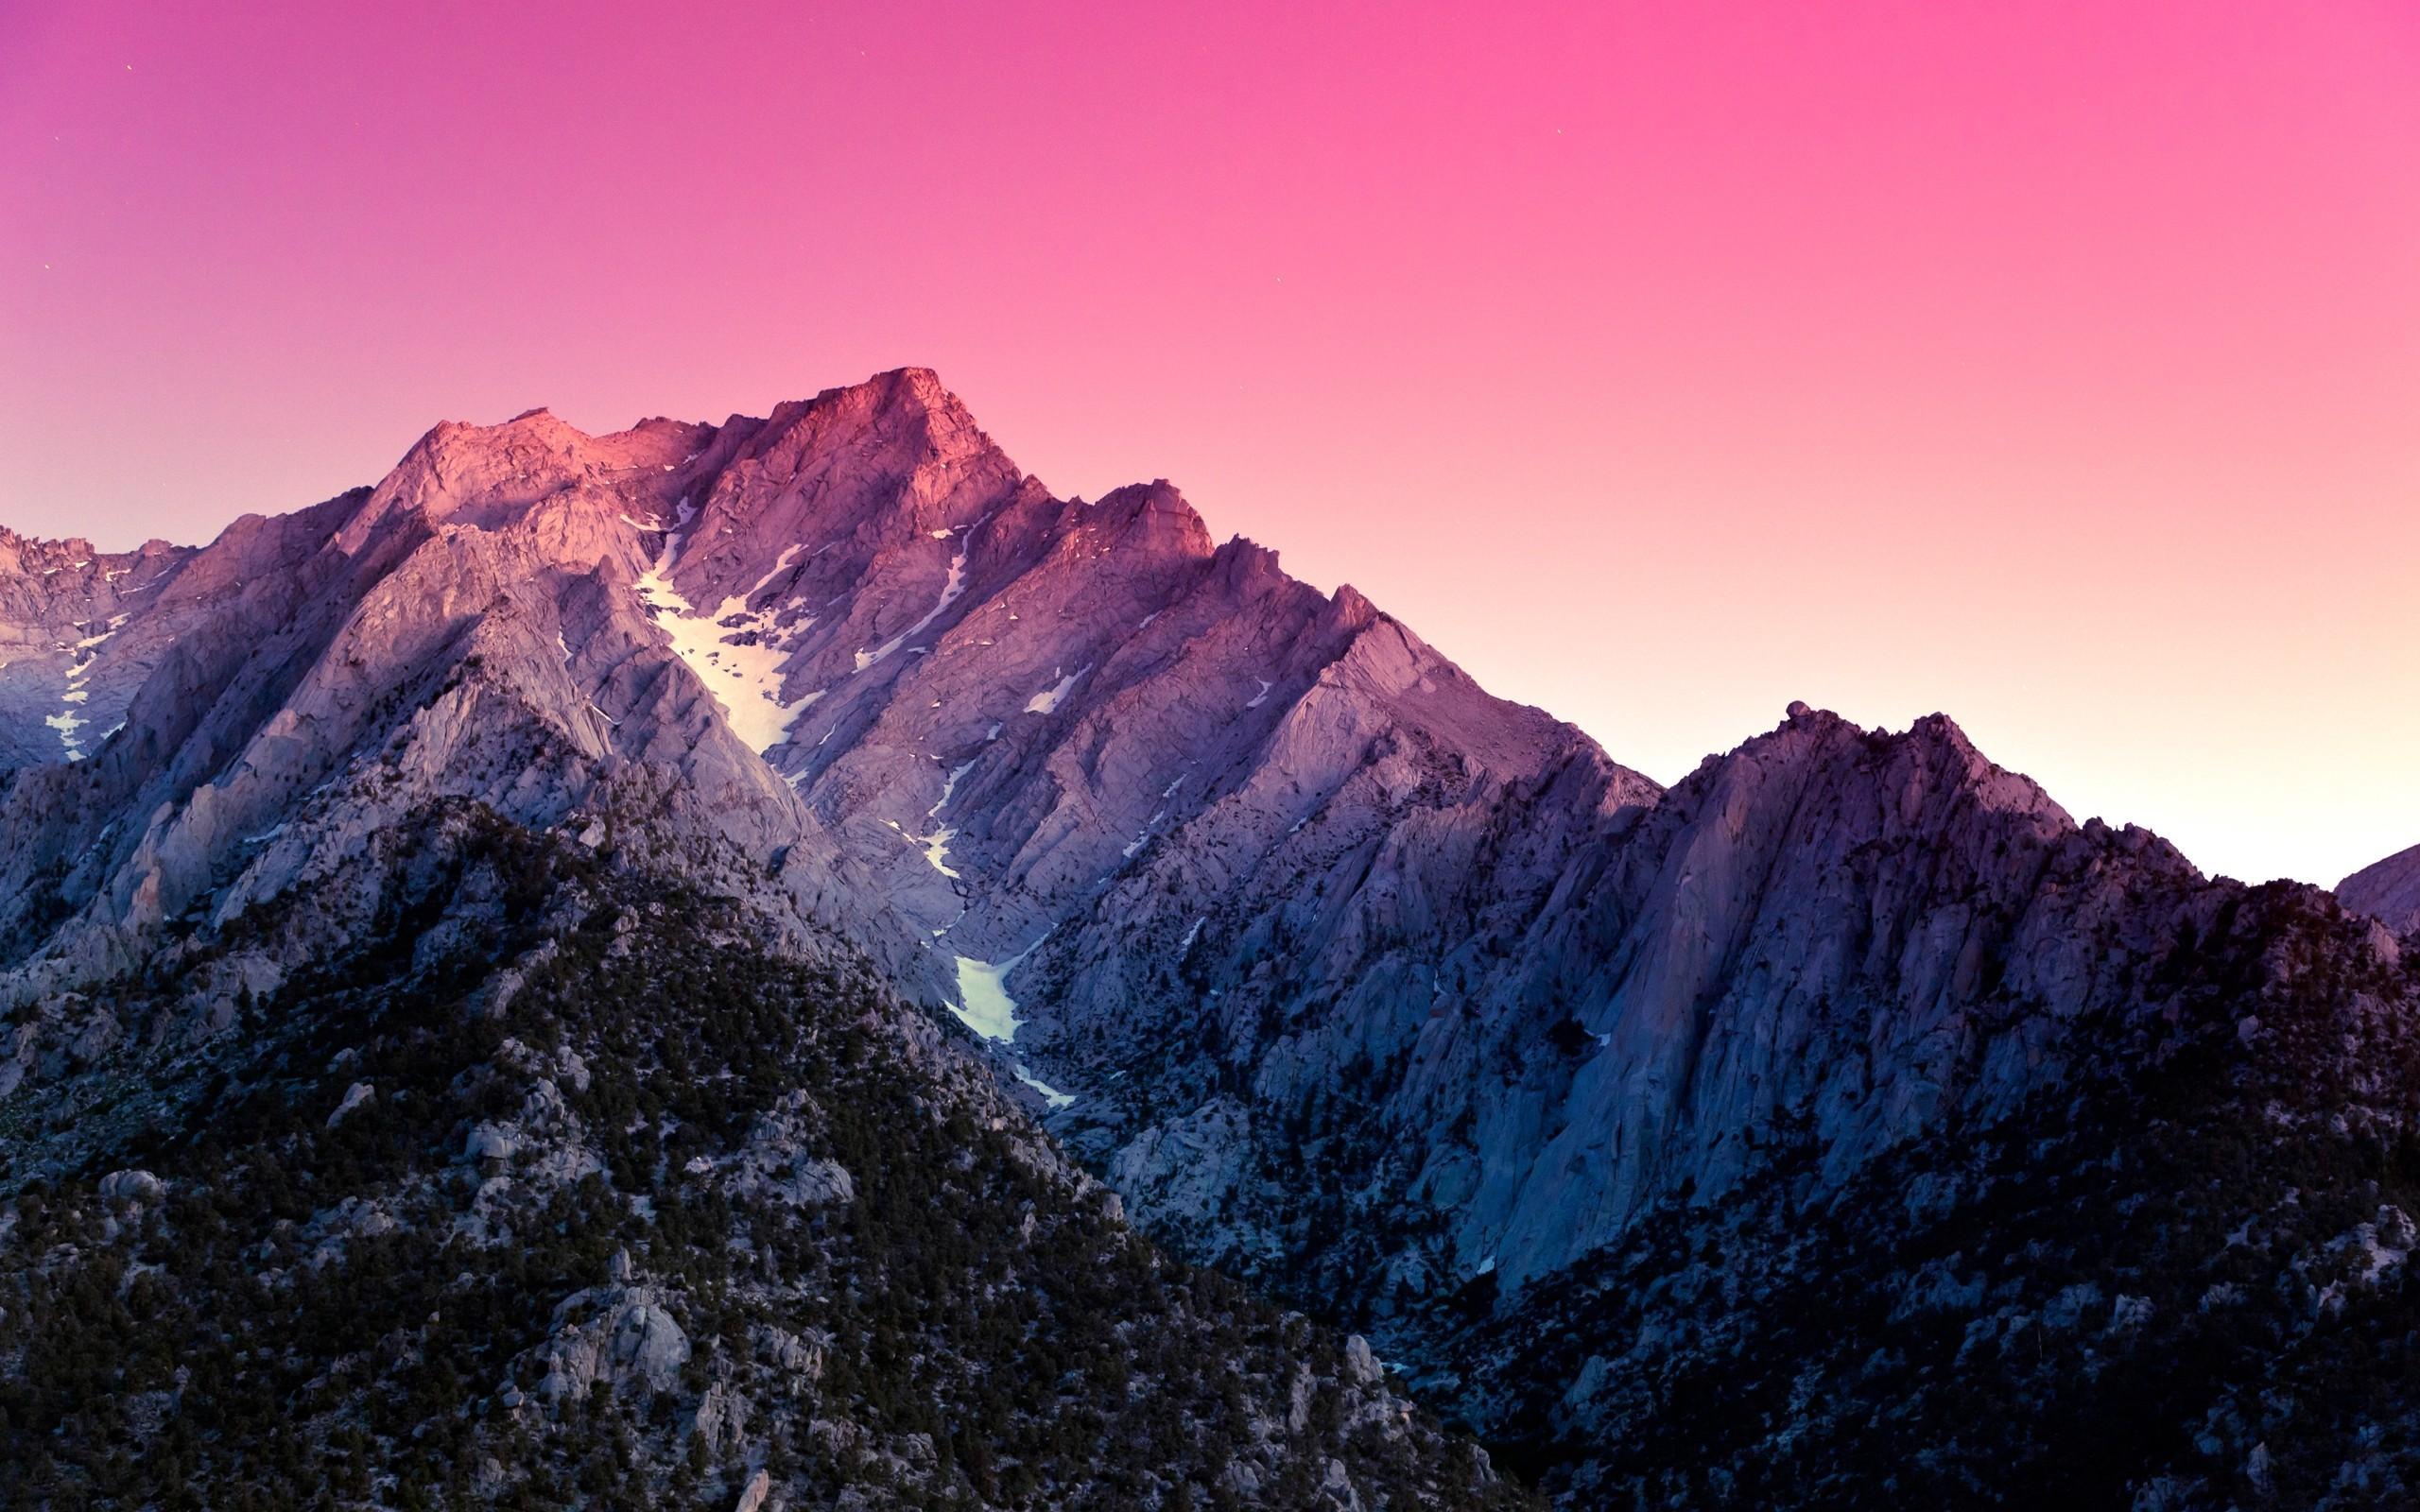 デスクトップ壁紙 風景 山々 日没 岩 自然 空 日の出 荒野